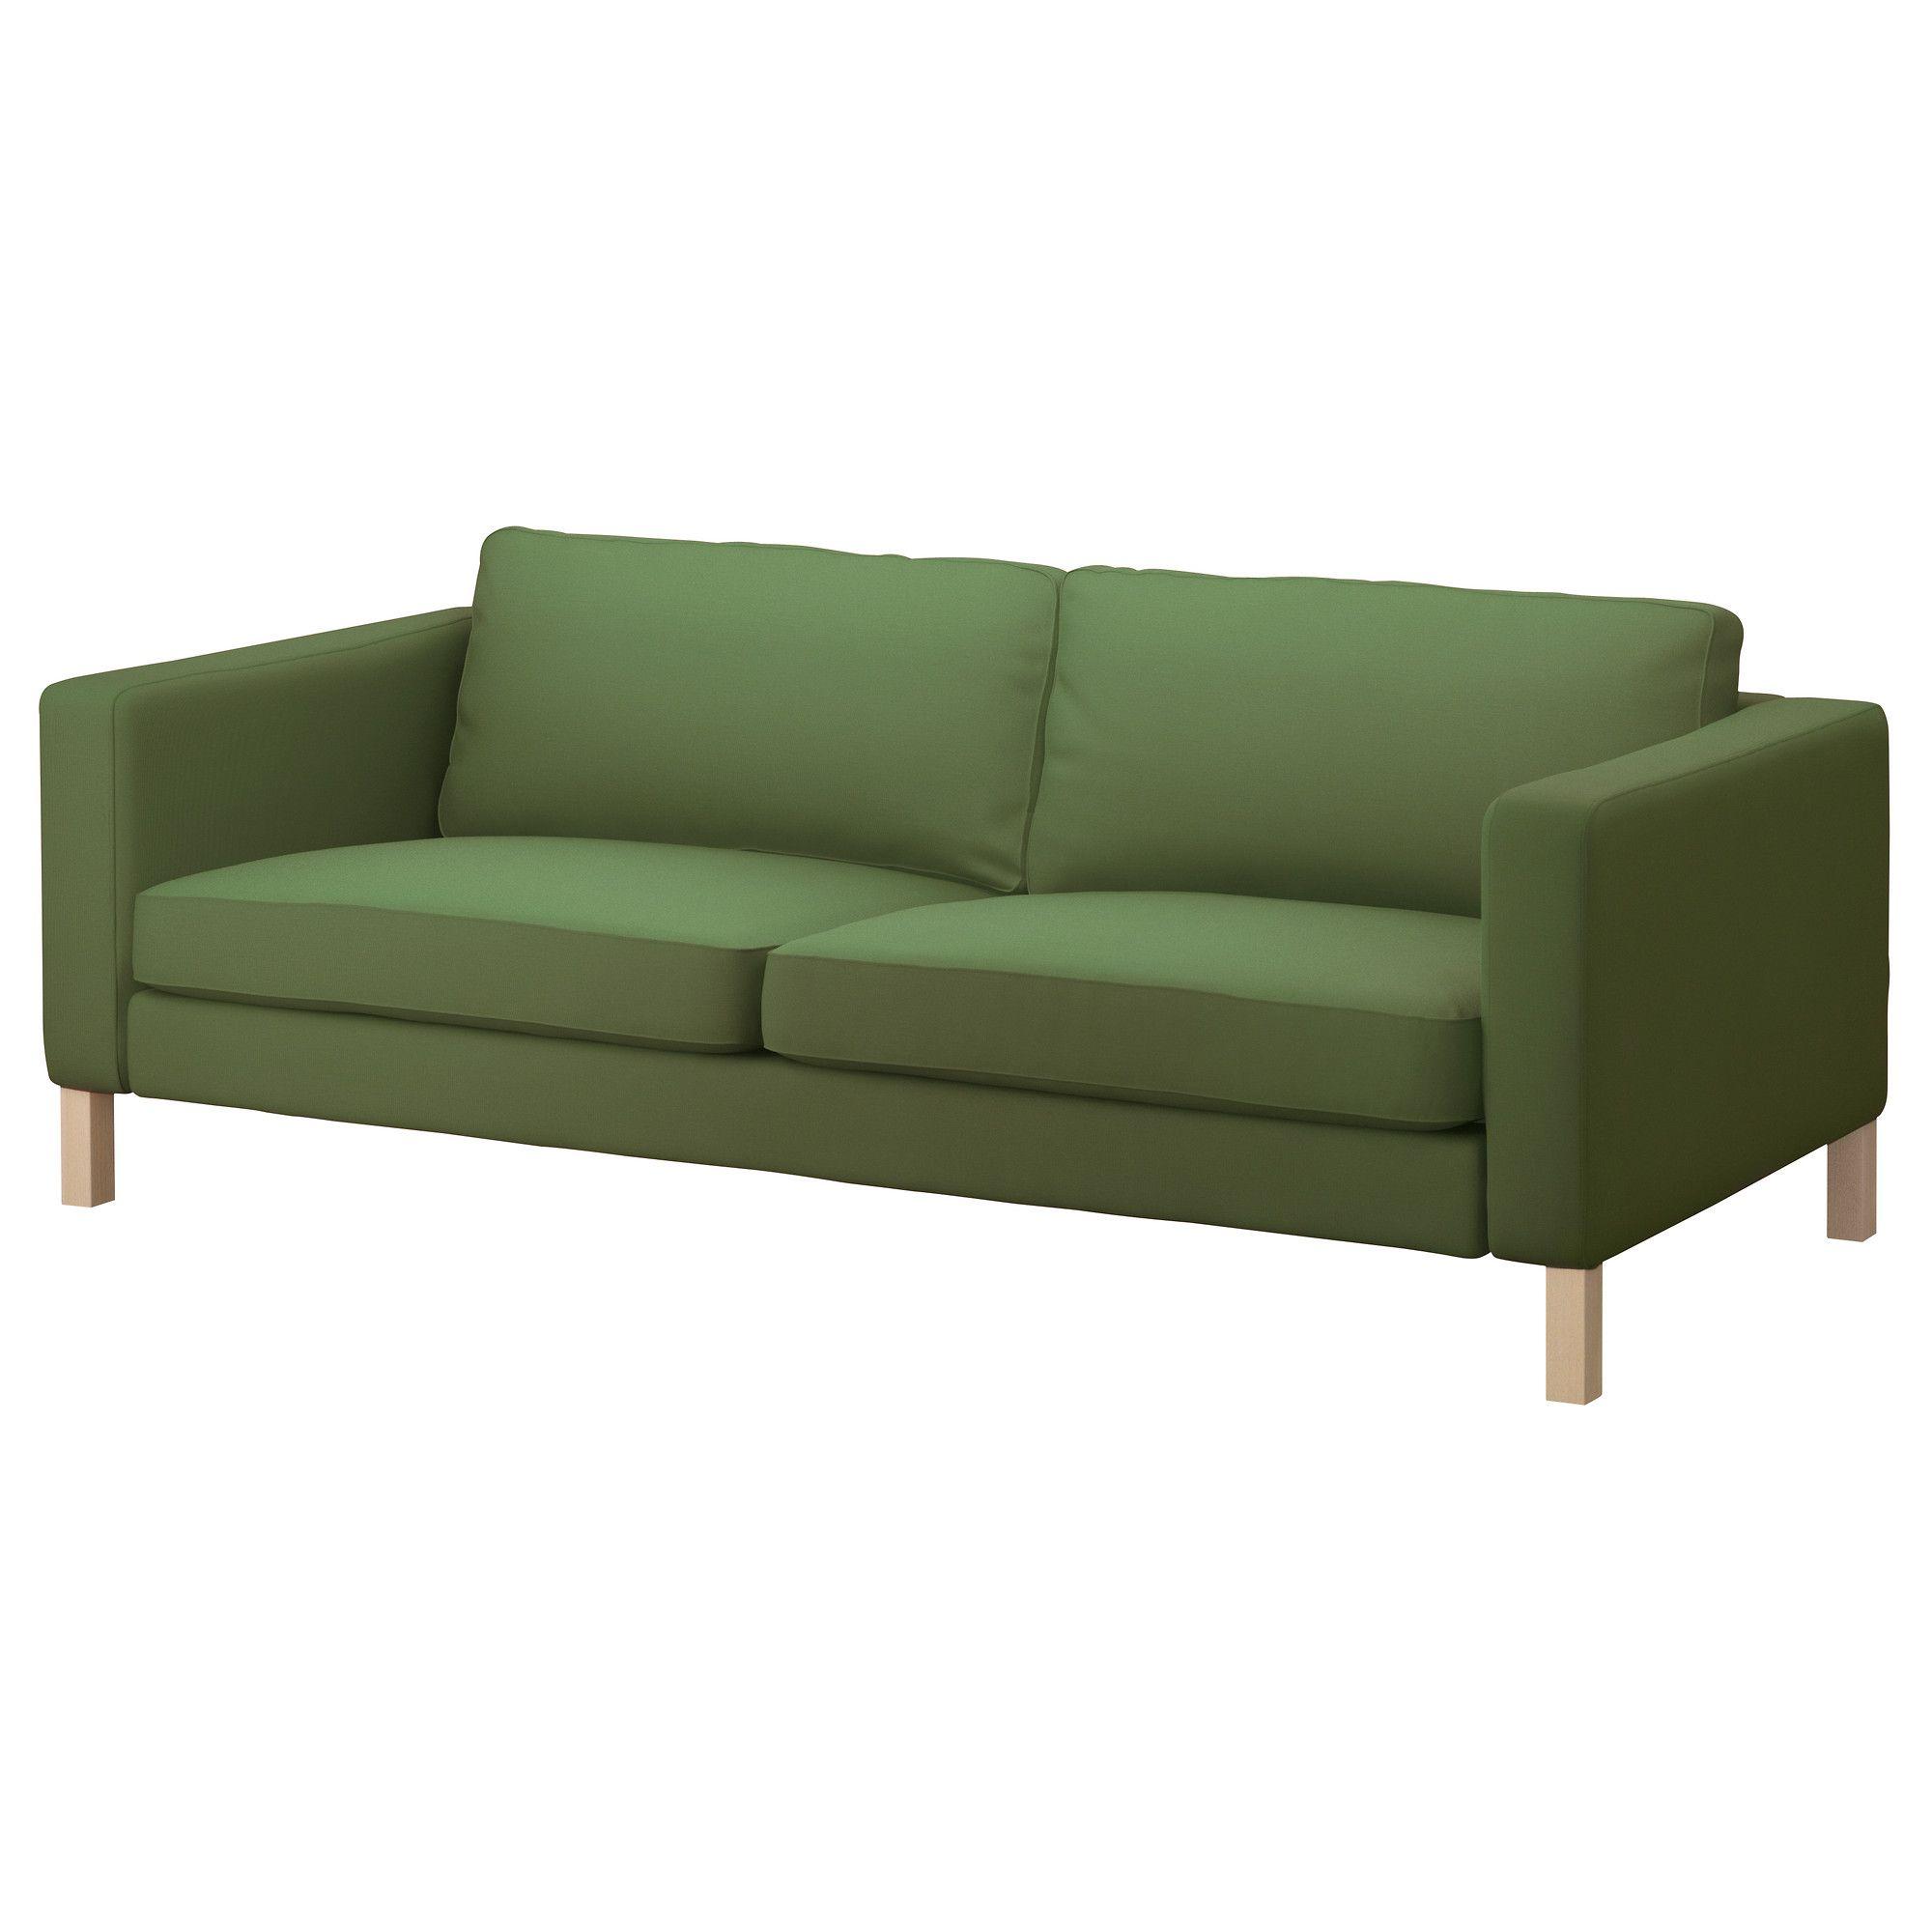 karlstad sofa blekinge white cozy microfiber bed with storage 3er sivik grün ikea die alte münz